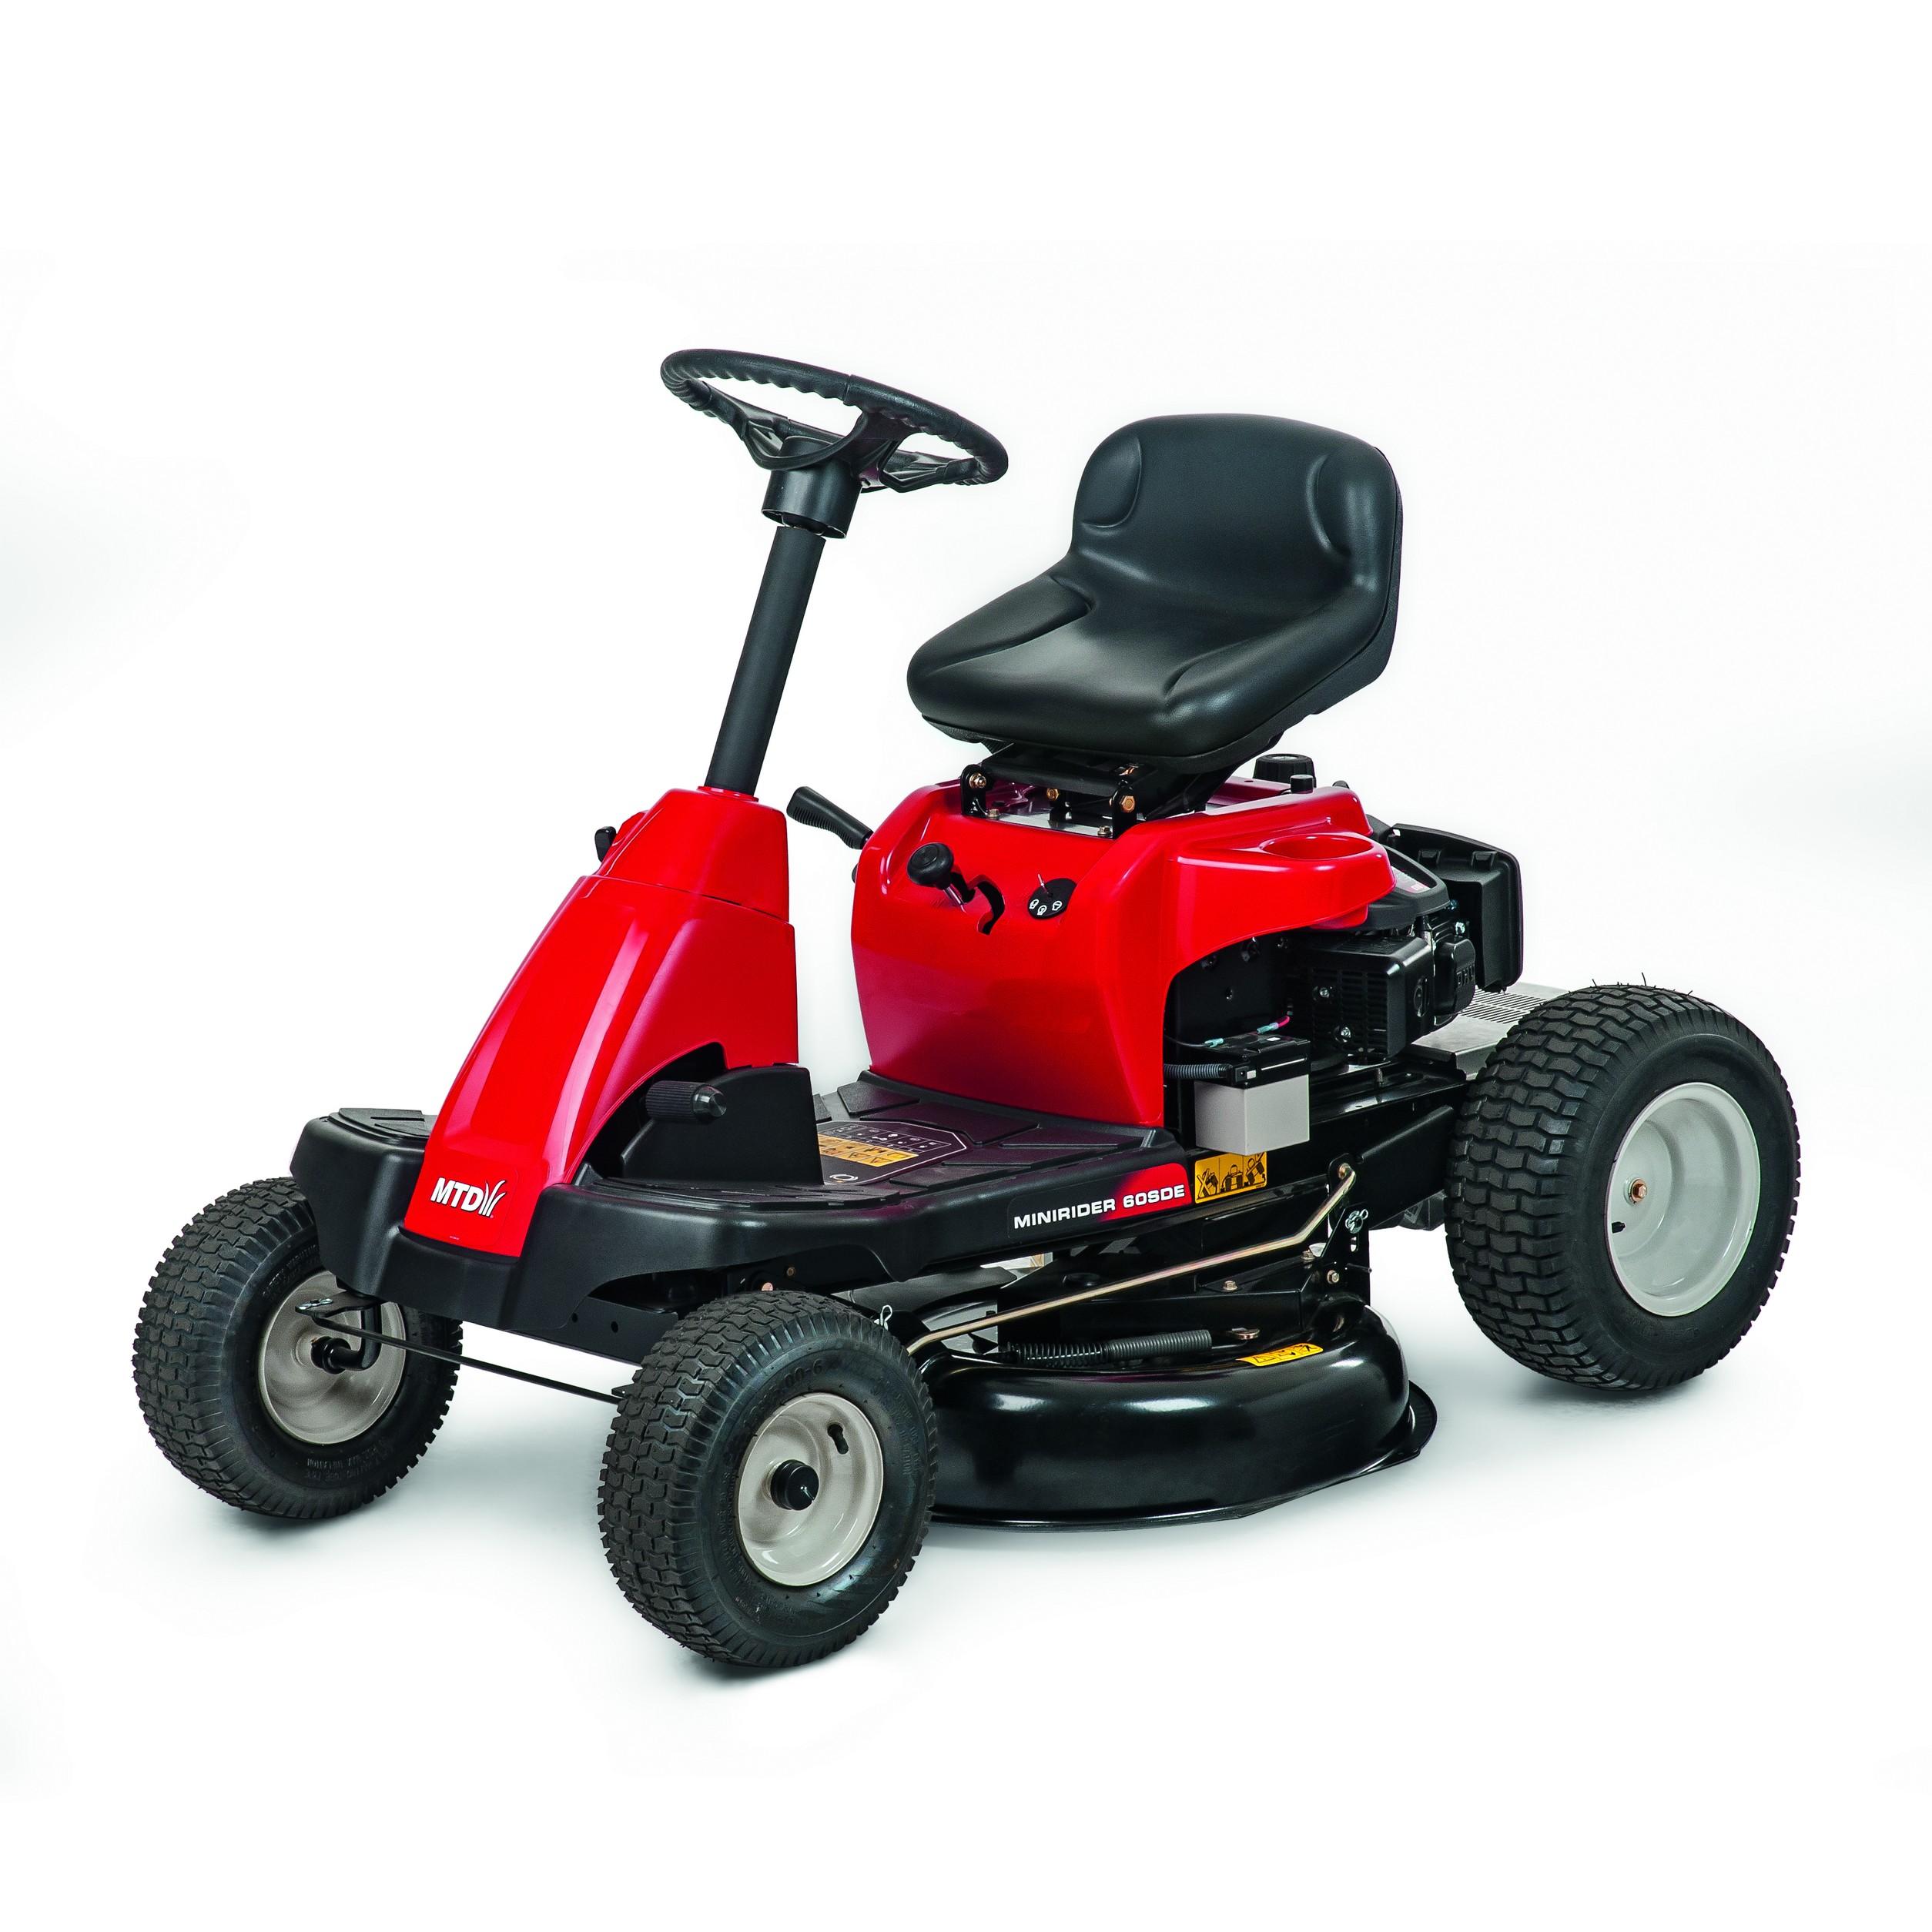 mtd smart minirider 60 sde travn traktor se bo n m. Black Bedroom Furniture Sets. Home Design Ideas